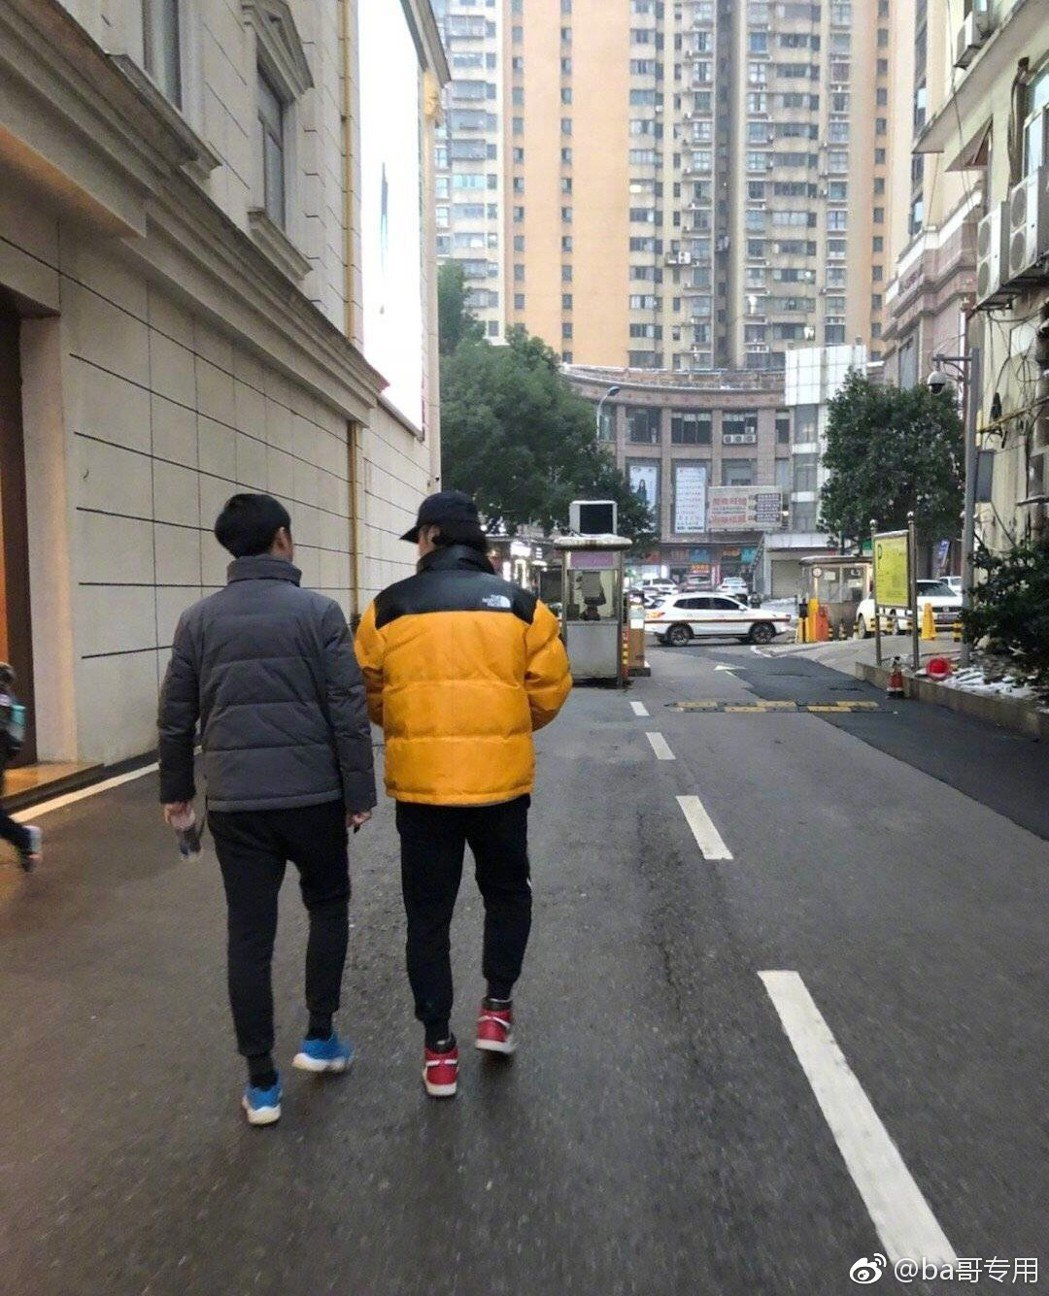 蔣勁夫(右)已恢復自由身。圖/擷自微博